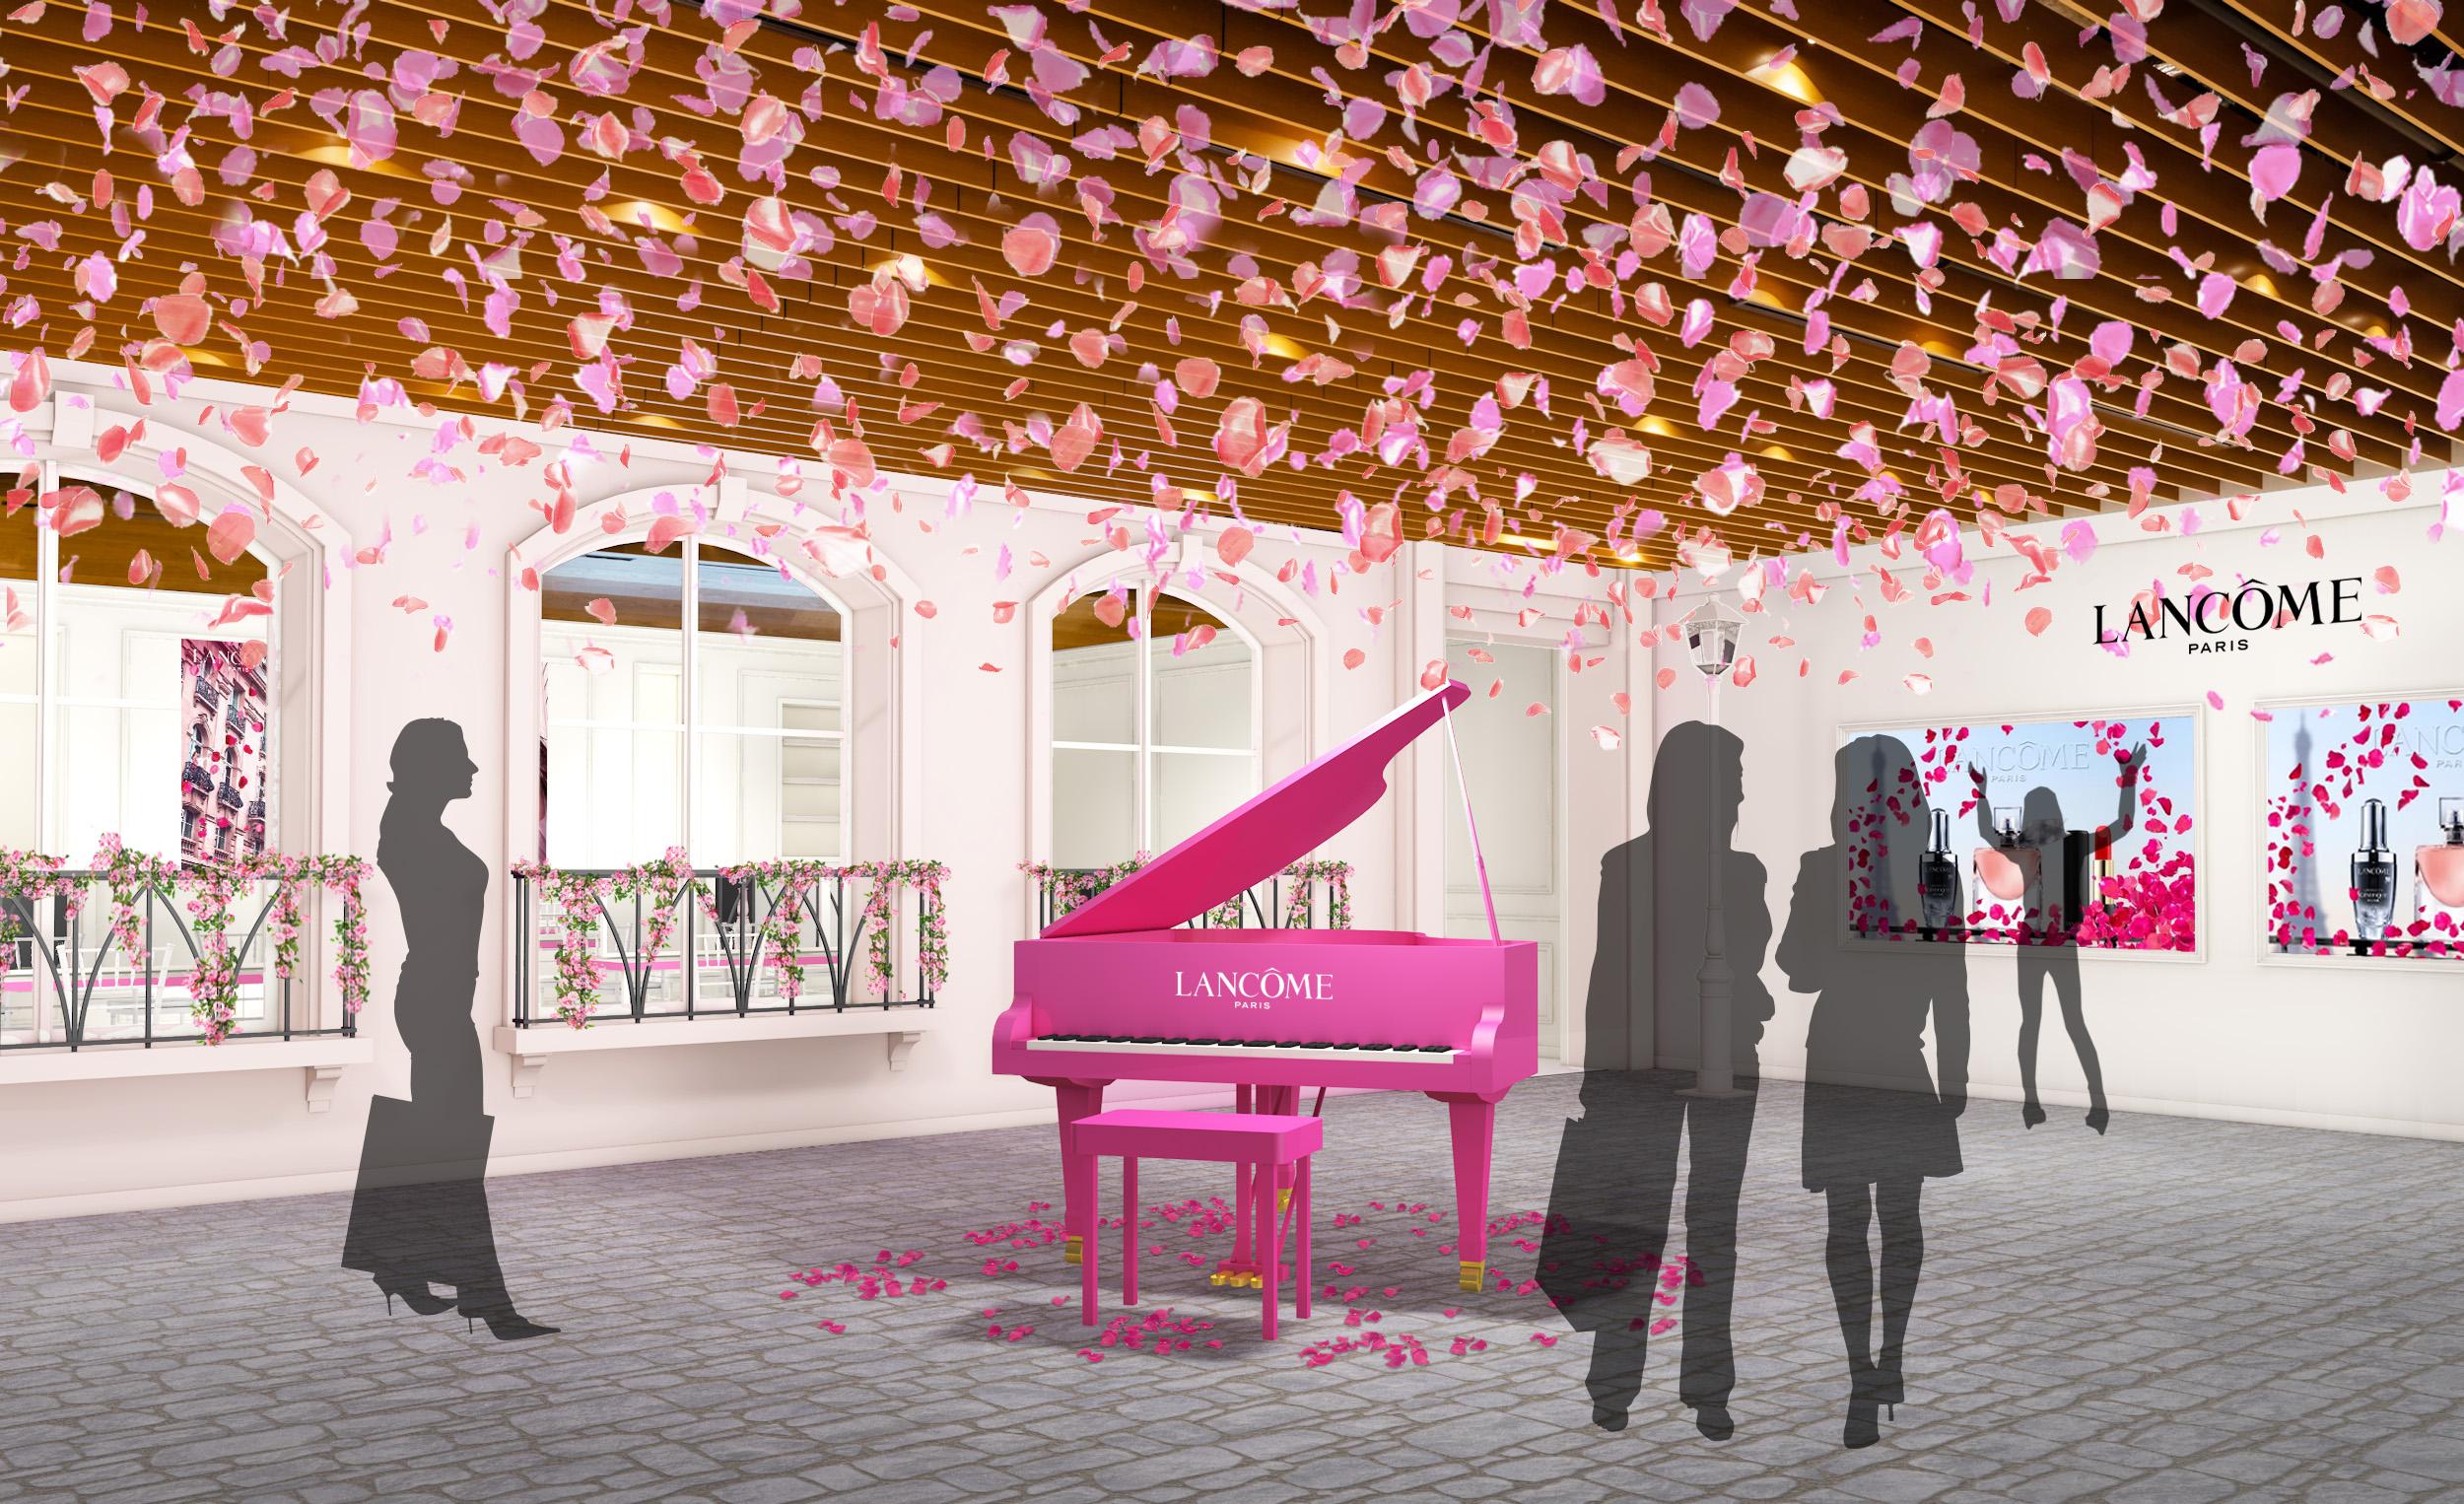 限定イベント「ランコム ハピネス サロン」は、ローズが舞う華やかな空間♡ 人気美容液  「ジェニフィック アドバンスト」が1年分当たるチャンスも!_3